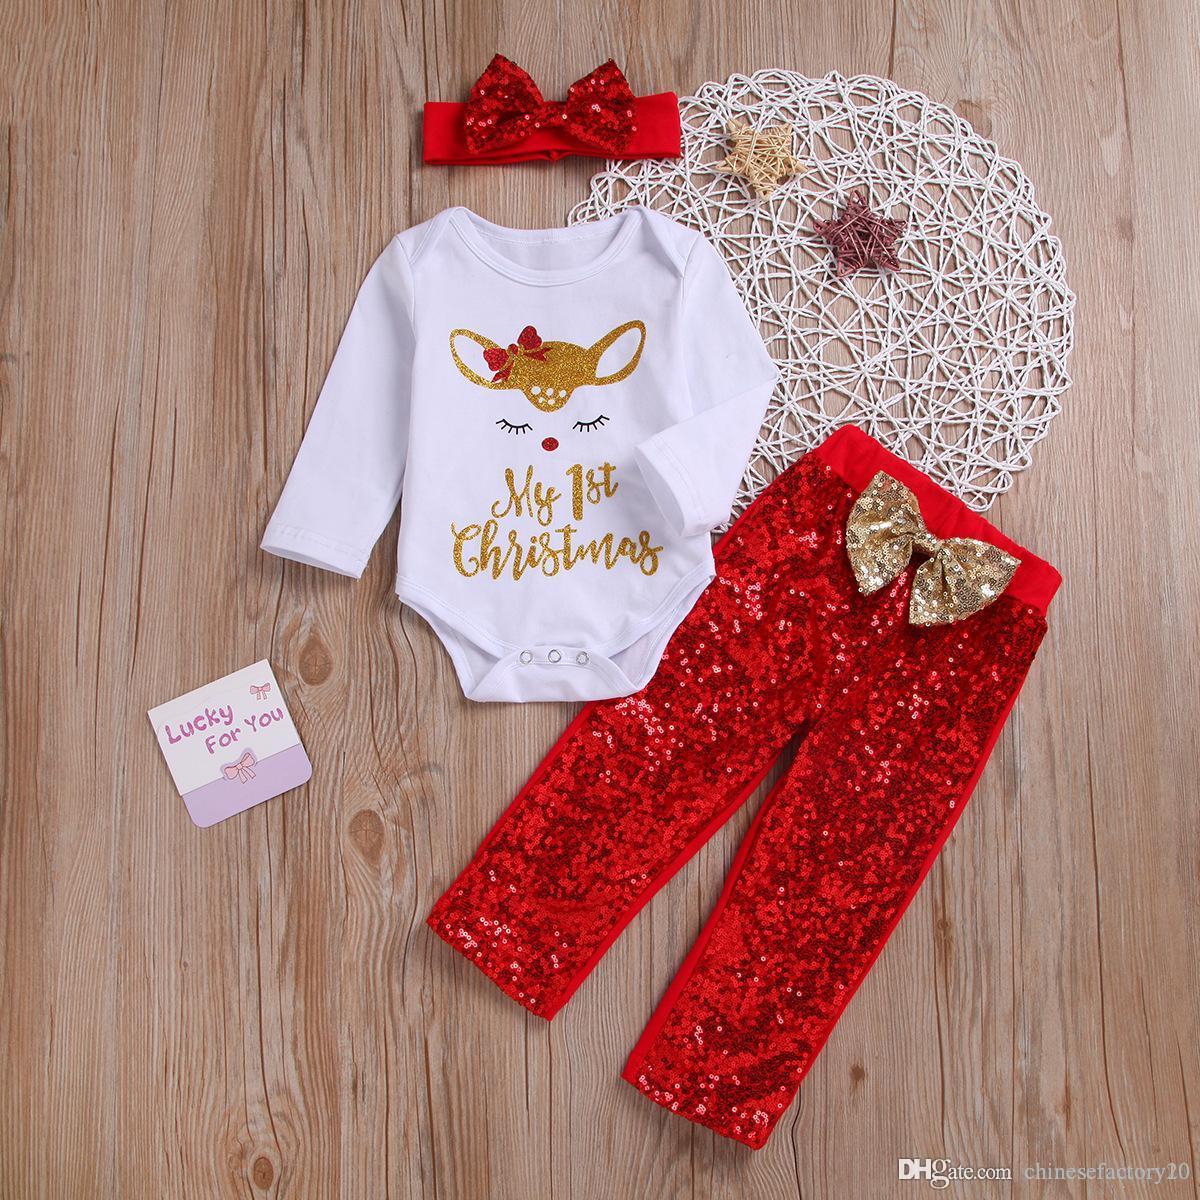 아기 여자 크리스마스 의류 세트 엘크 편지 장난 꾸러기 + 붉은 나비 머리띠 + 장식 조각 바지 긴 소매 첫번째 크리스마스 아동 정장